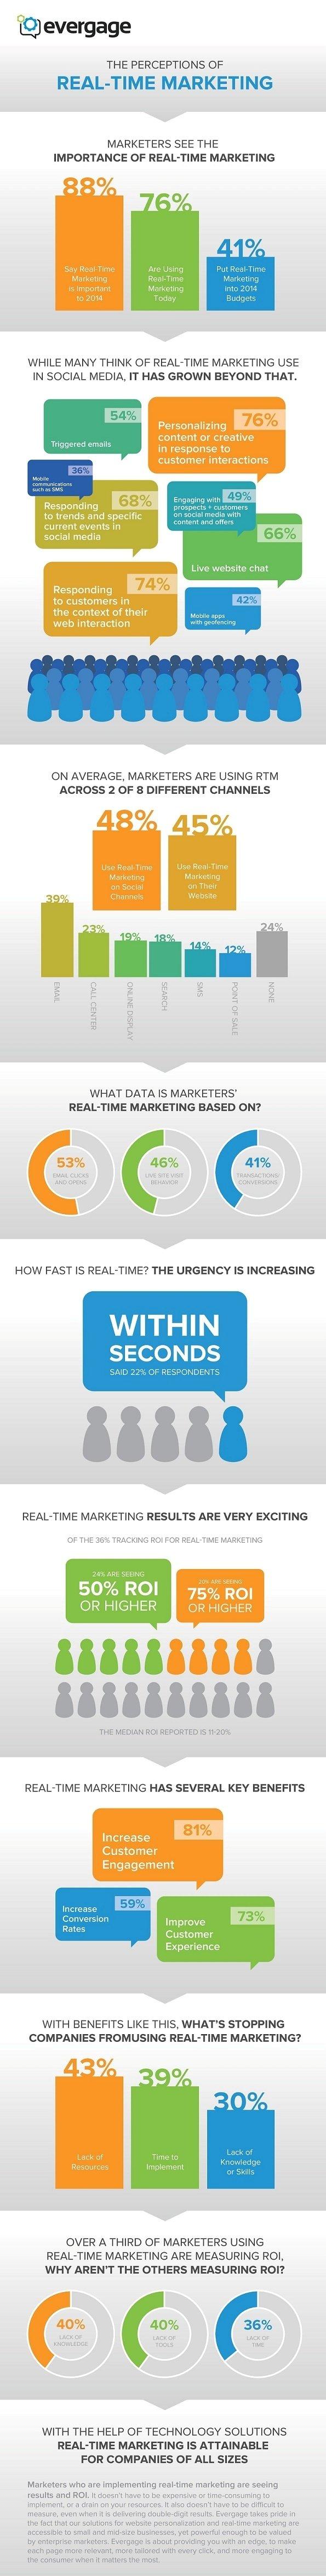 Percepción sobre el marketing en tiempo real